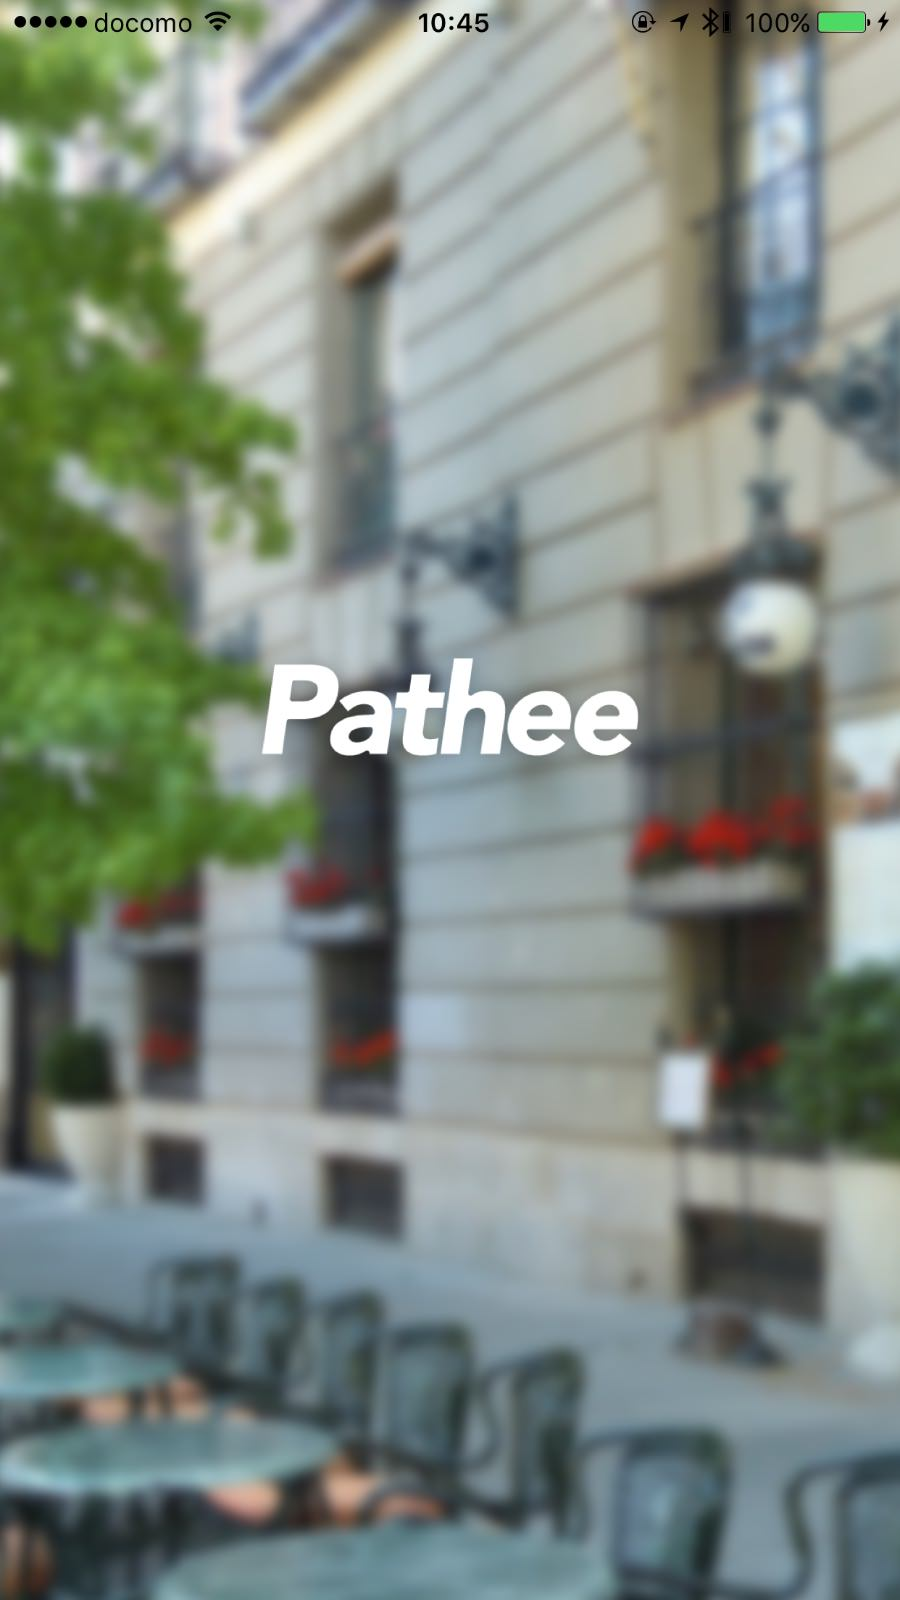 歩いて5分以内のトイレを探せるiPhone用地図アプリ「Pathee(パシー)」